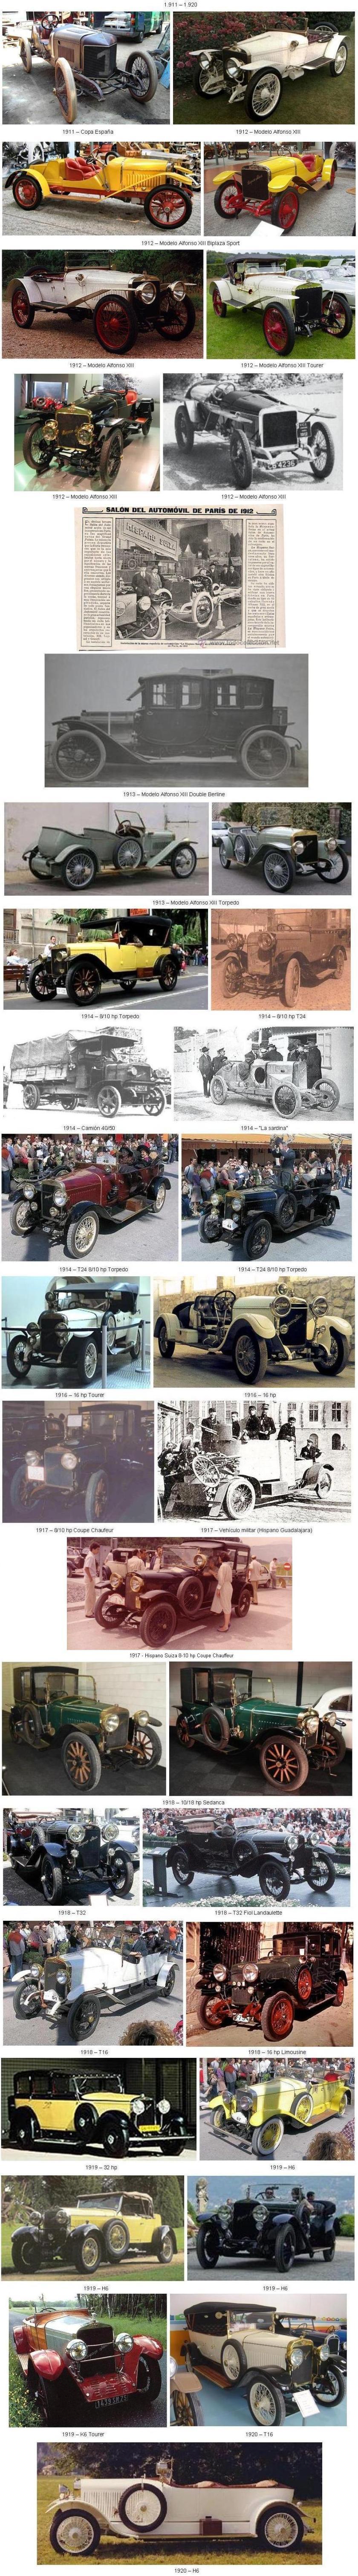 1911-1920 HISPANO SUIZA-02